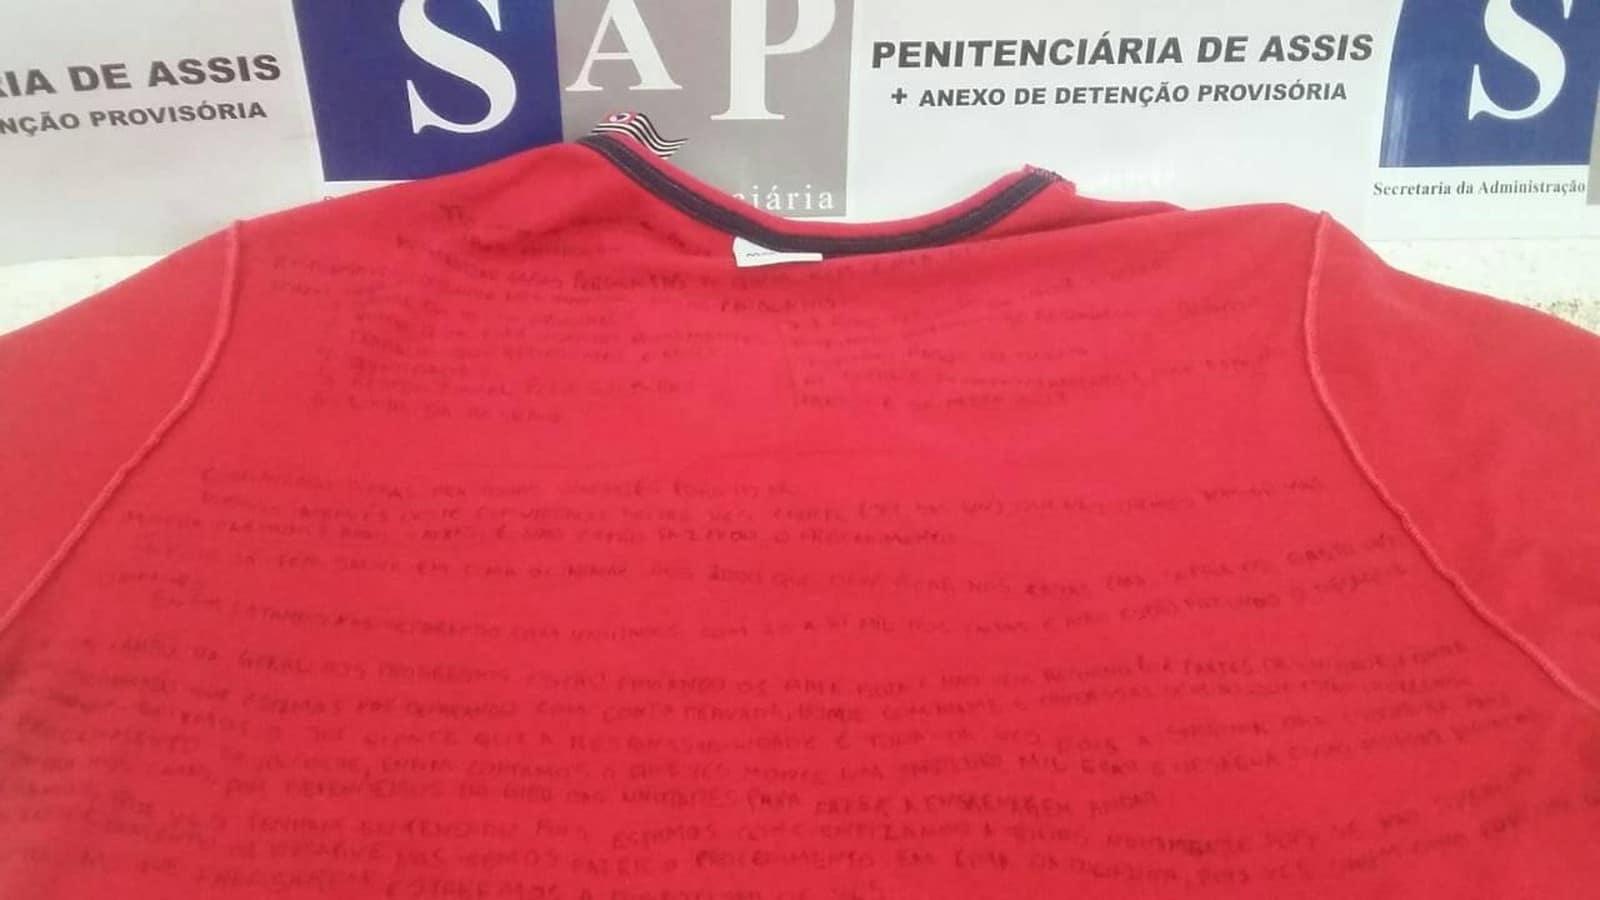 Camiseta com 'carta' escrita no lado avesso foi apreendida em penitenciária de Assis — Foto: Divulgação/SAP